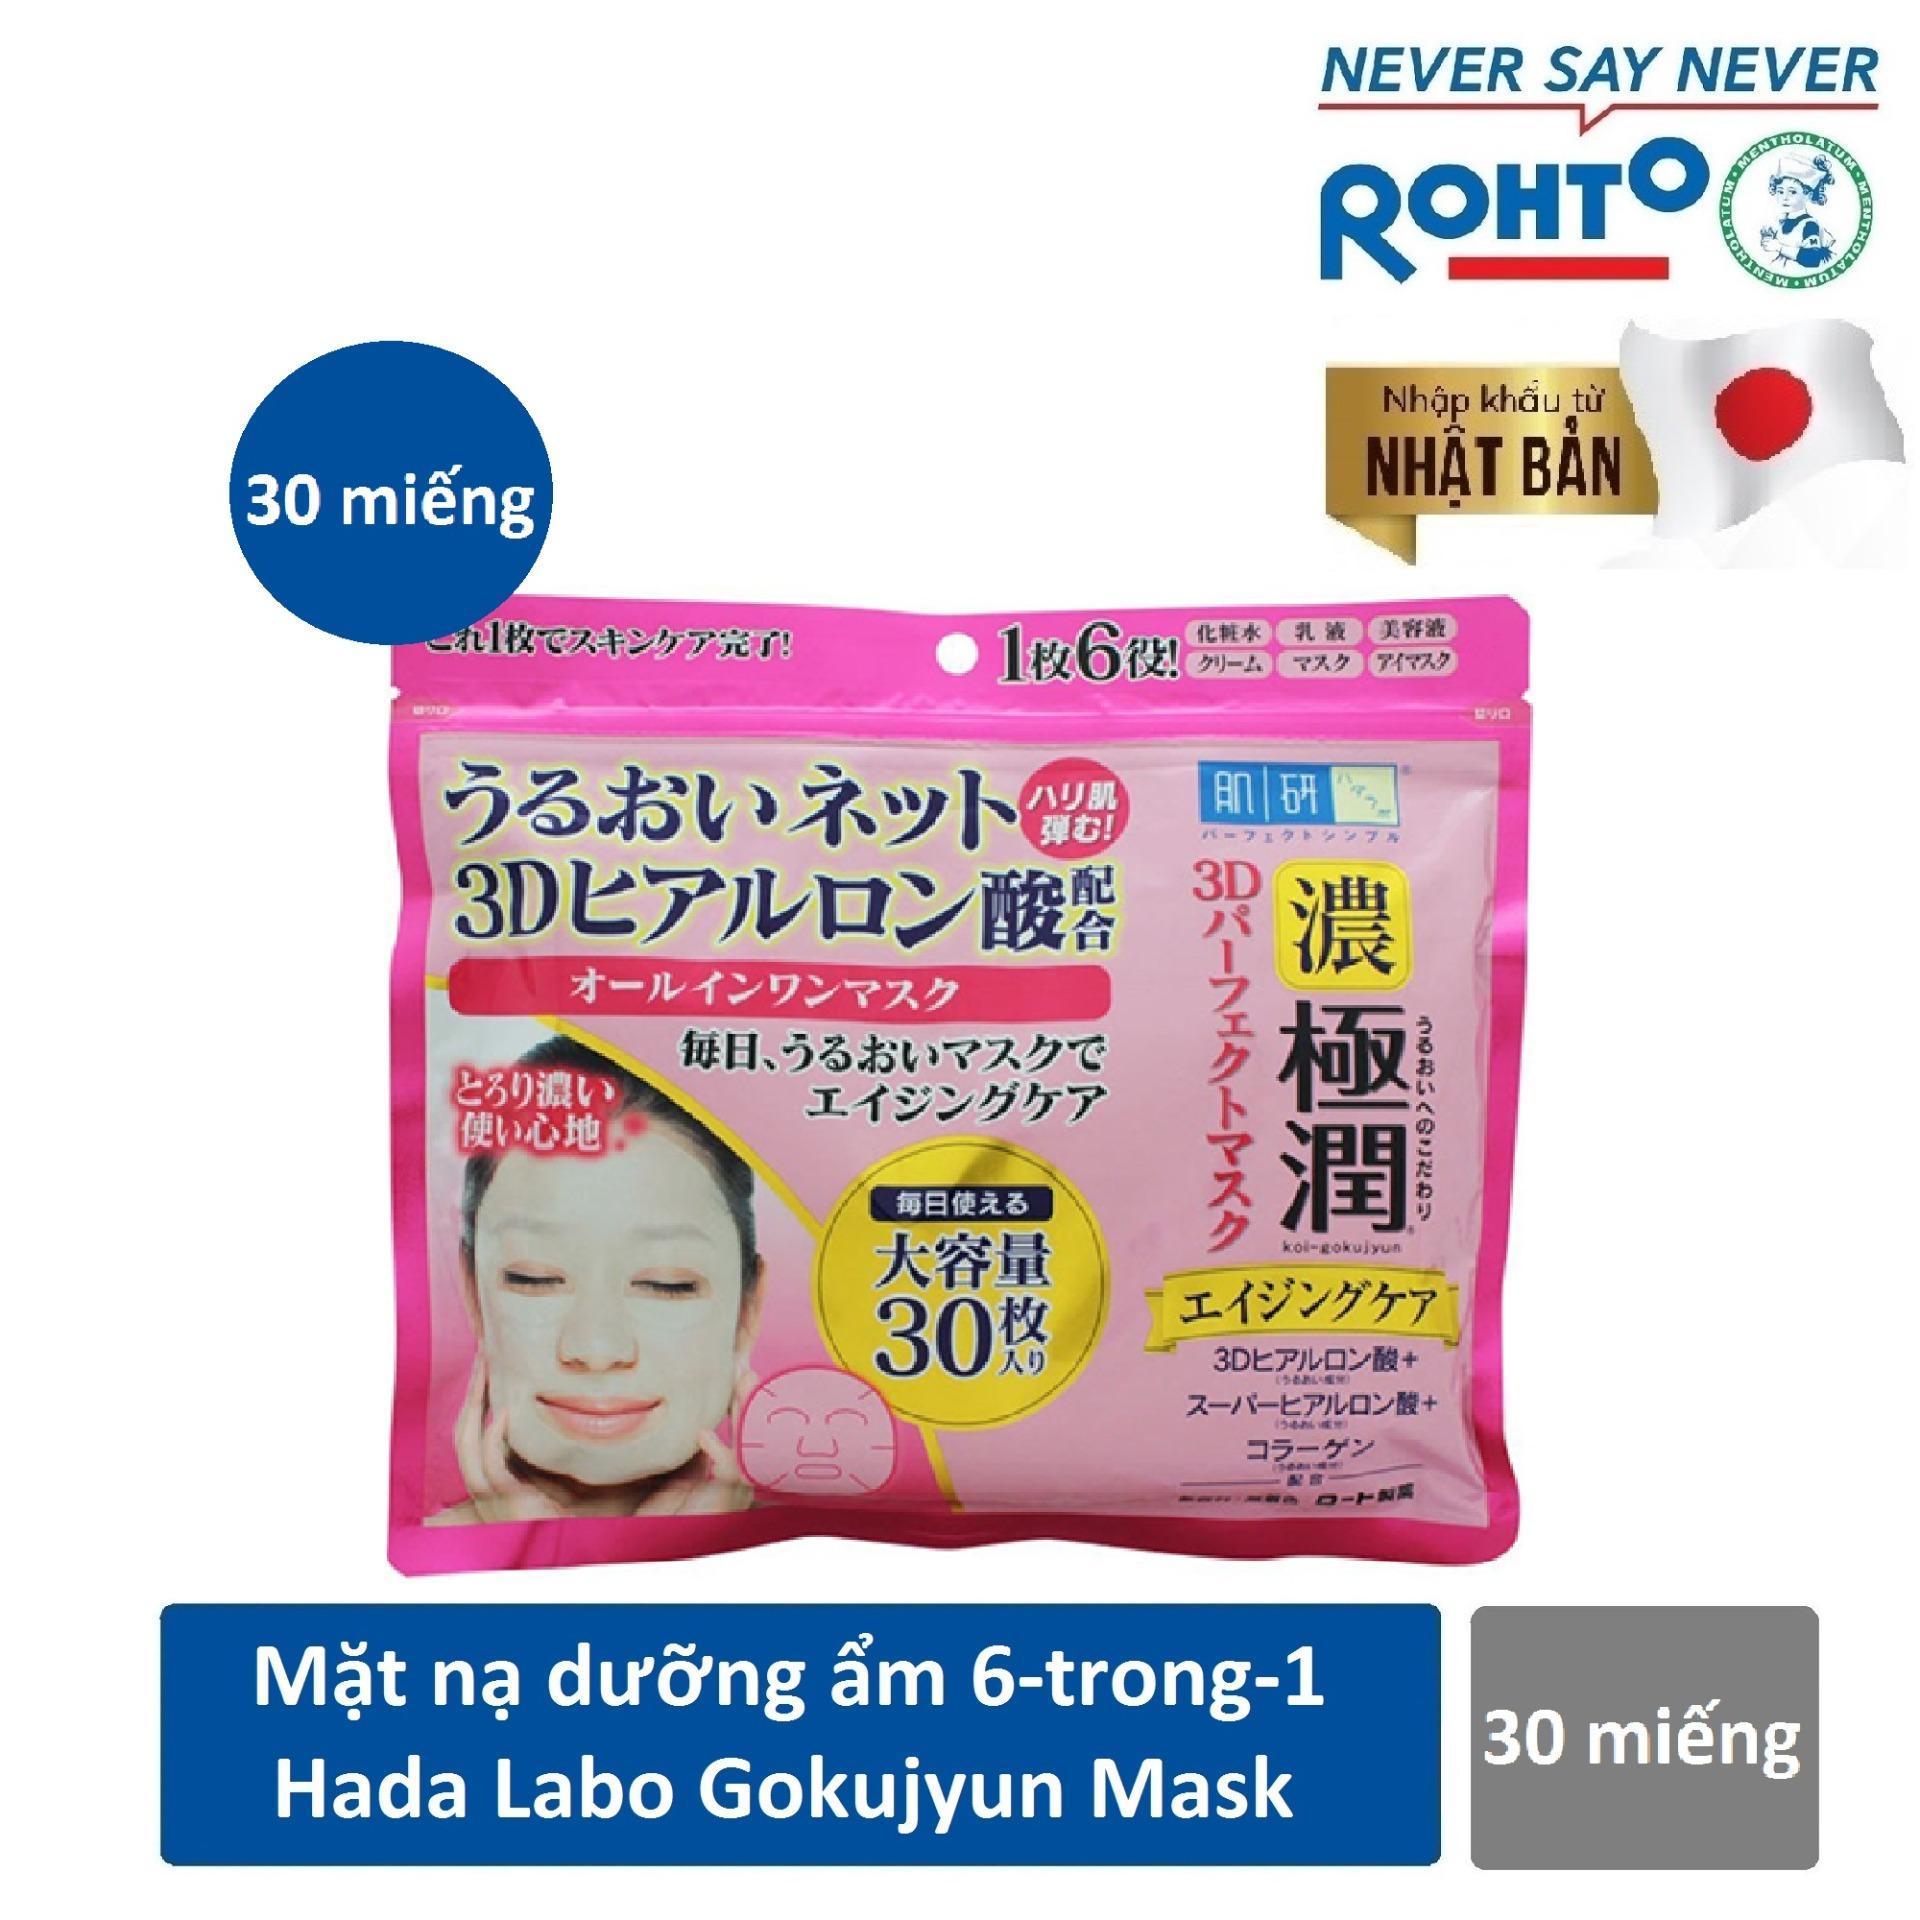 Mặt Nạ Dưỡng ẩm 3D Hoàn Hảo Hada Labo Gokujyun 3D Perfect Mask 30pcs ( Nhập Khẩu Từ Nhật Bản) Có Giá Ưu Đãi